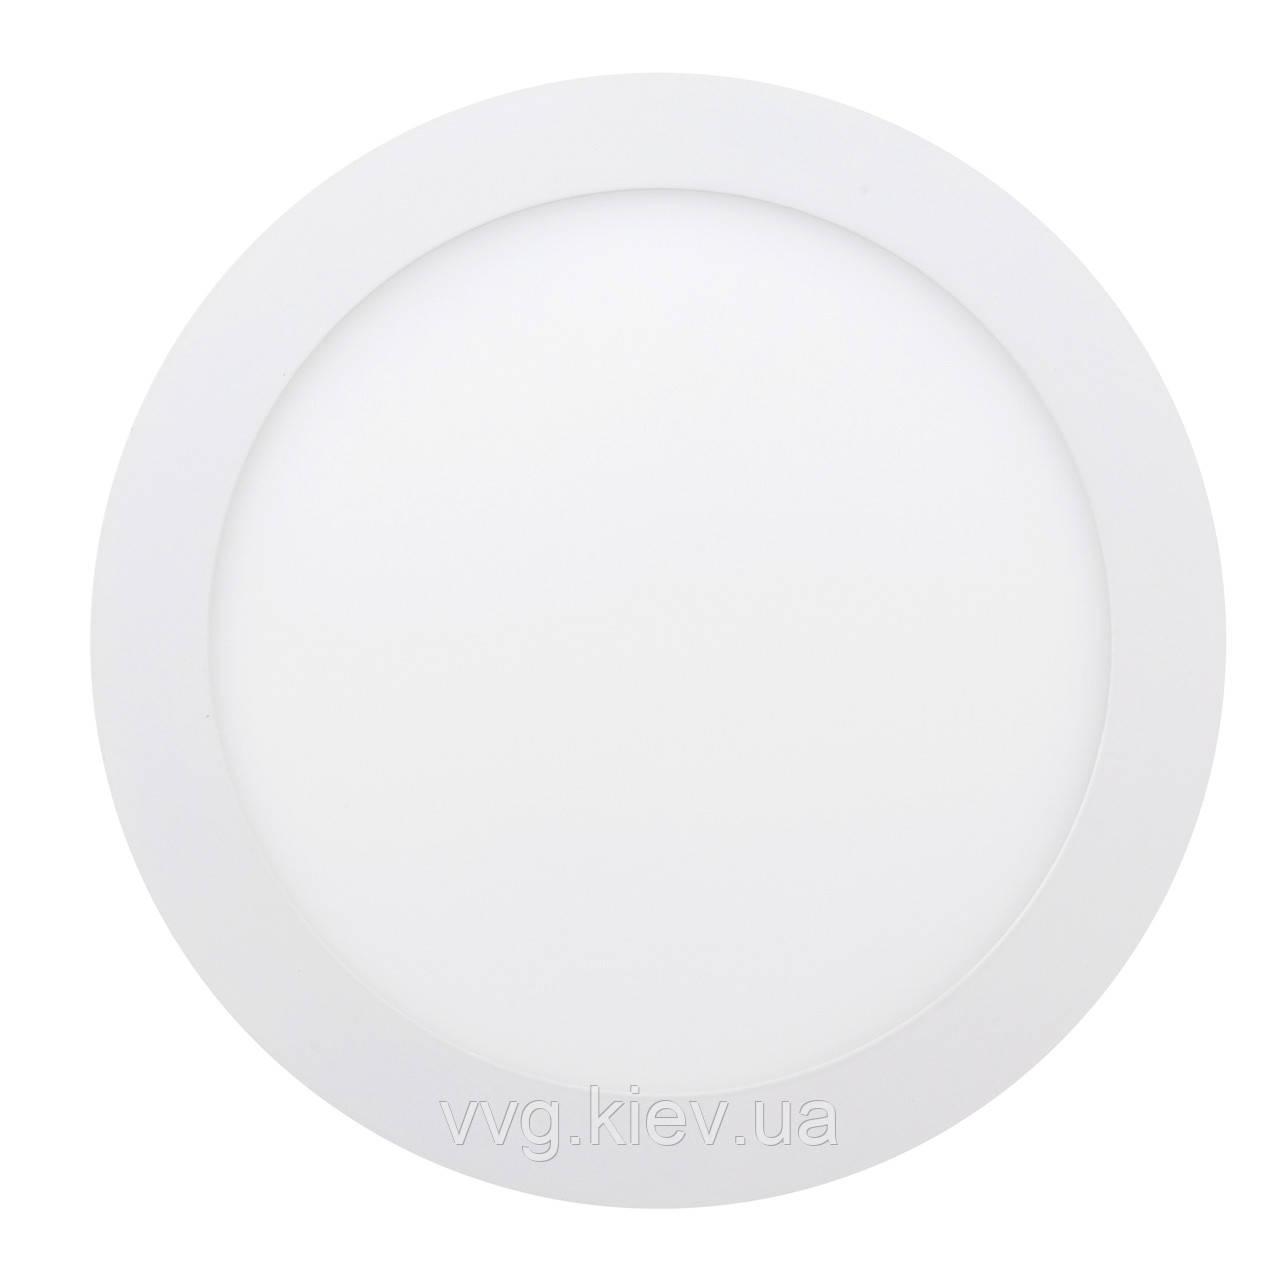 Точечный светильник встраиваемый 18W 6400К LED-R-225-18 ЕВРОСВЕТ